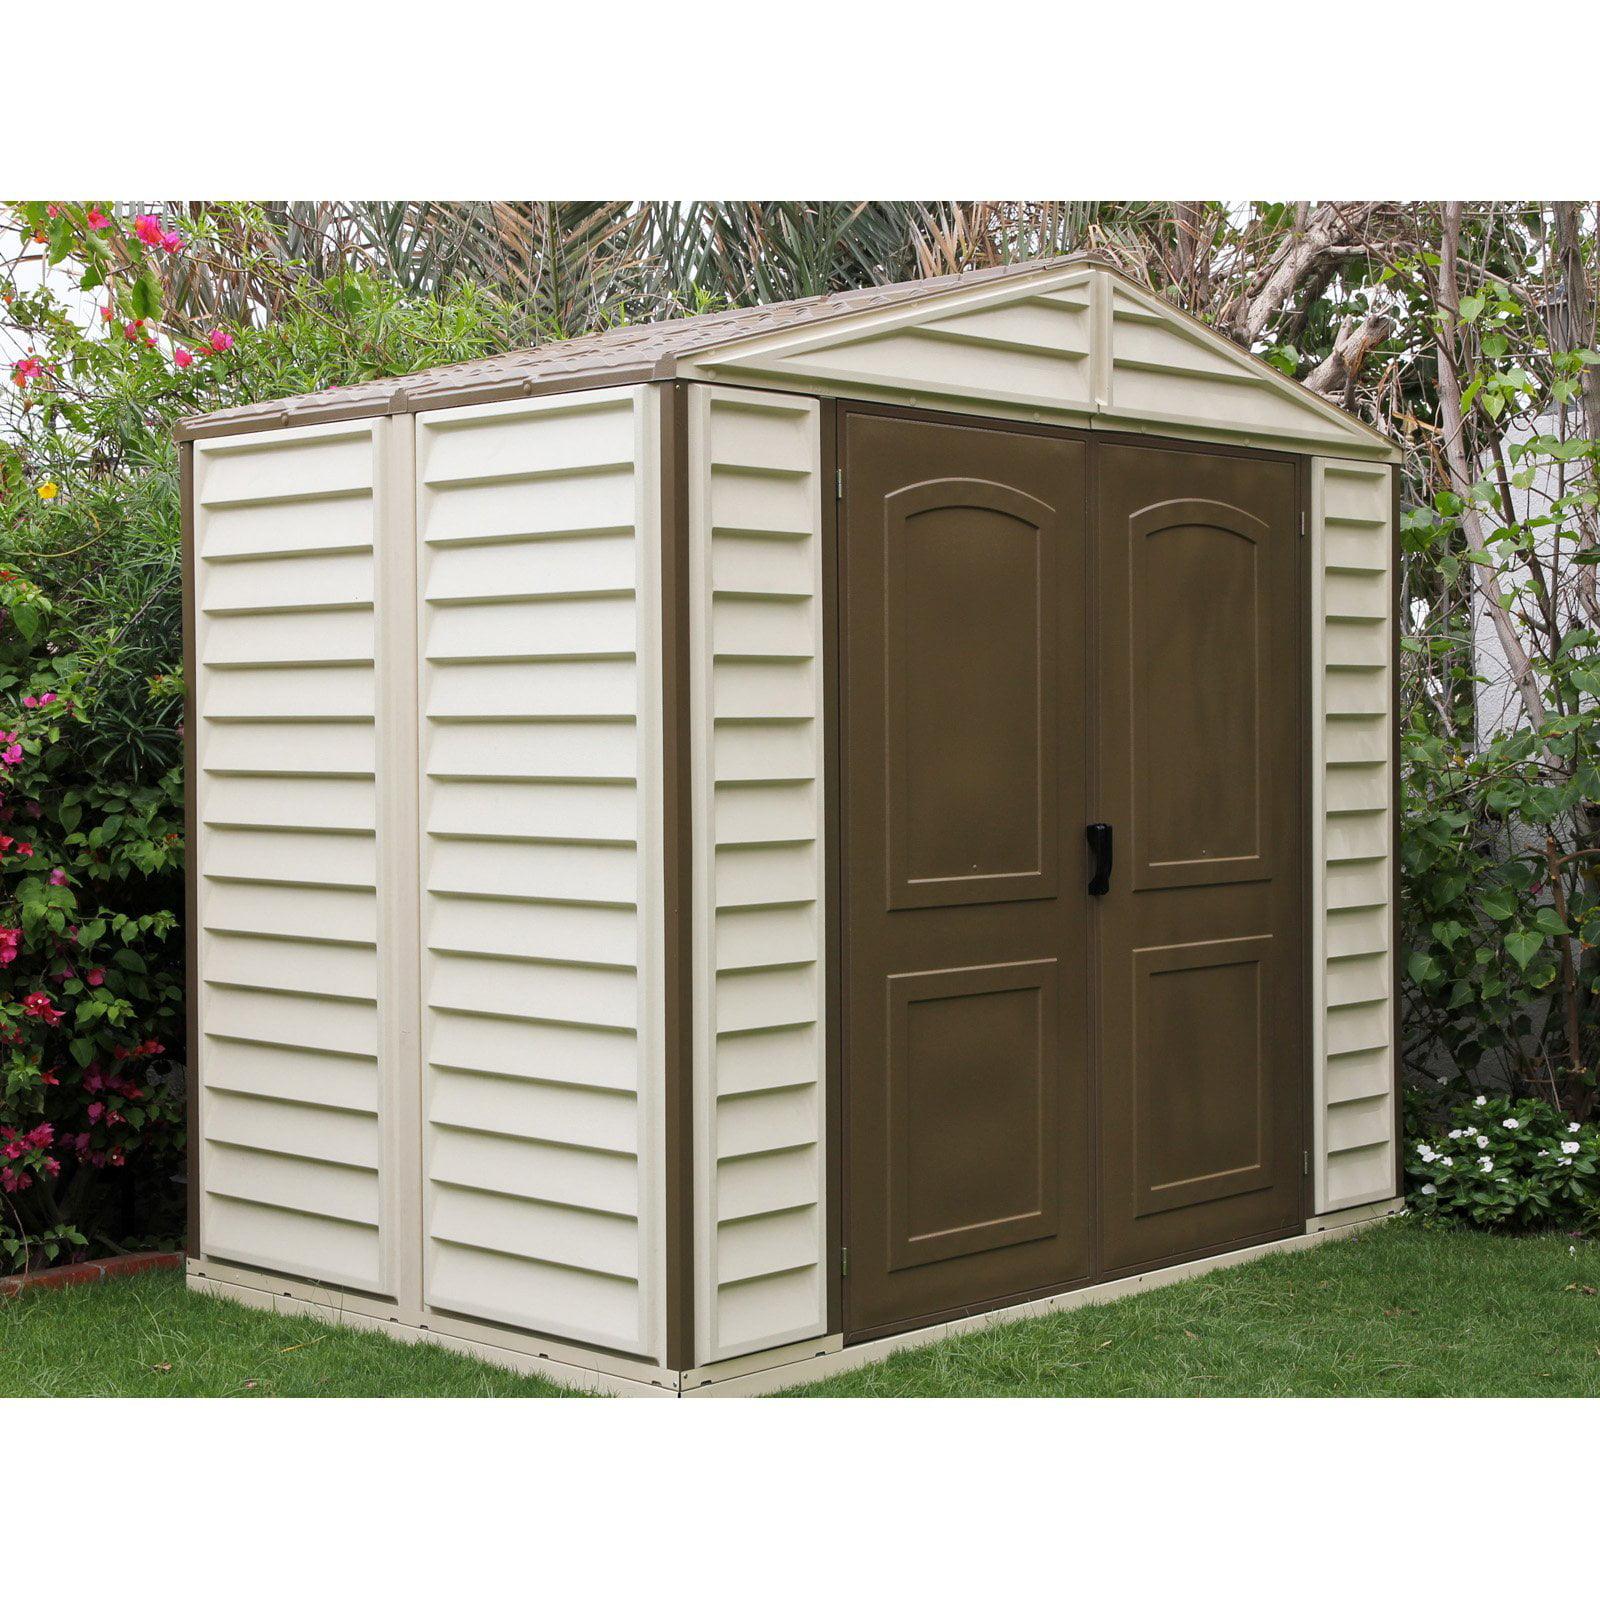 duramax woodside vinyl shed 8 x 6 ft walmartcom - Garden Sheds Vinyl